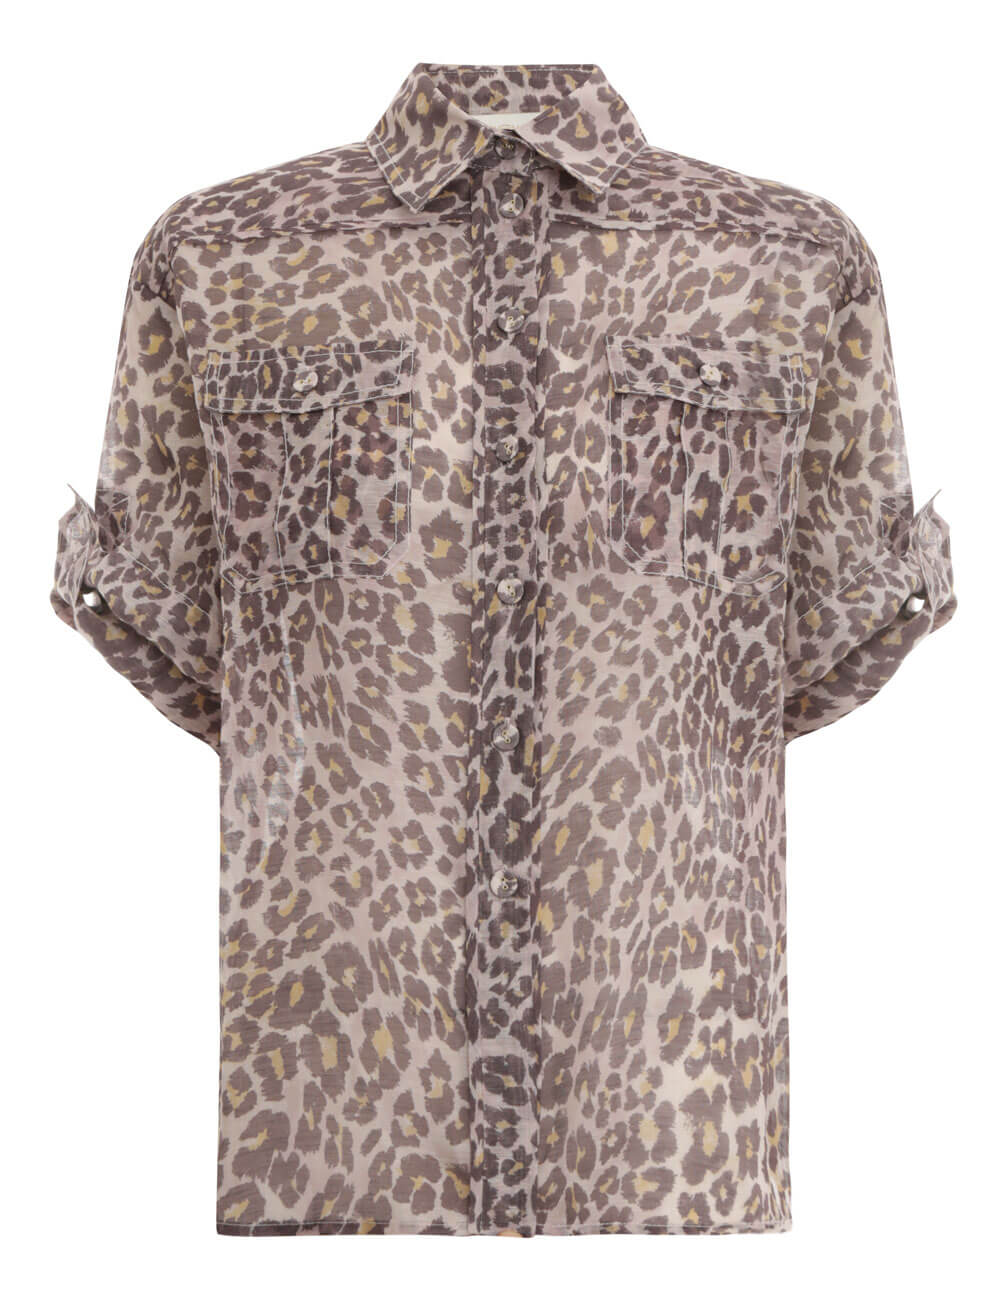 Sabotage Safari Shirt